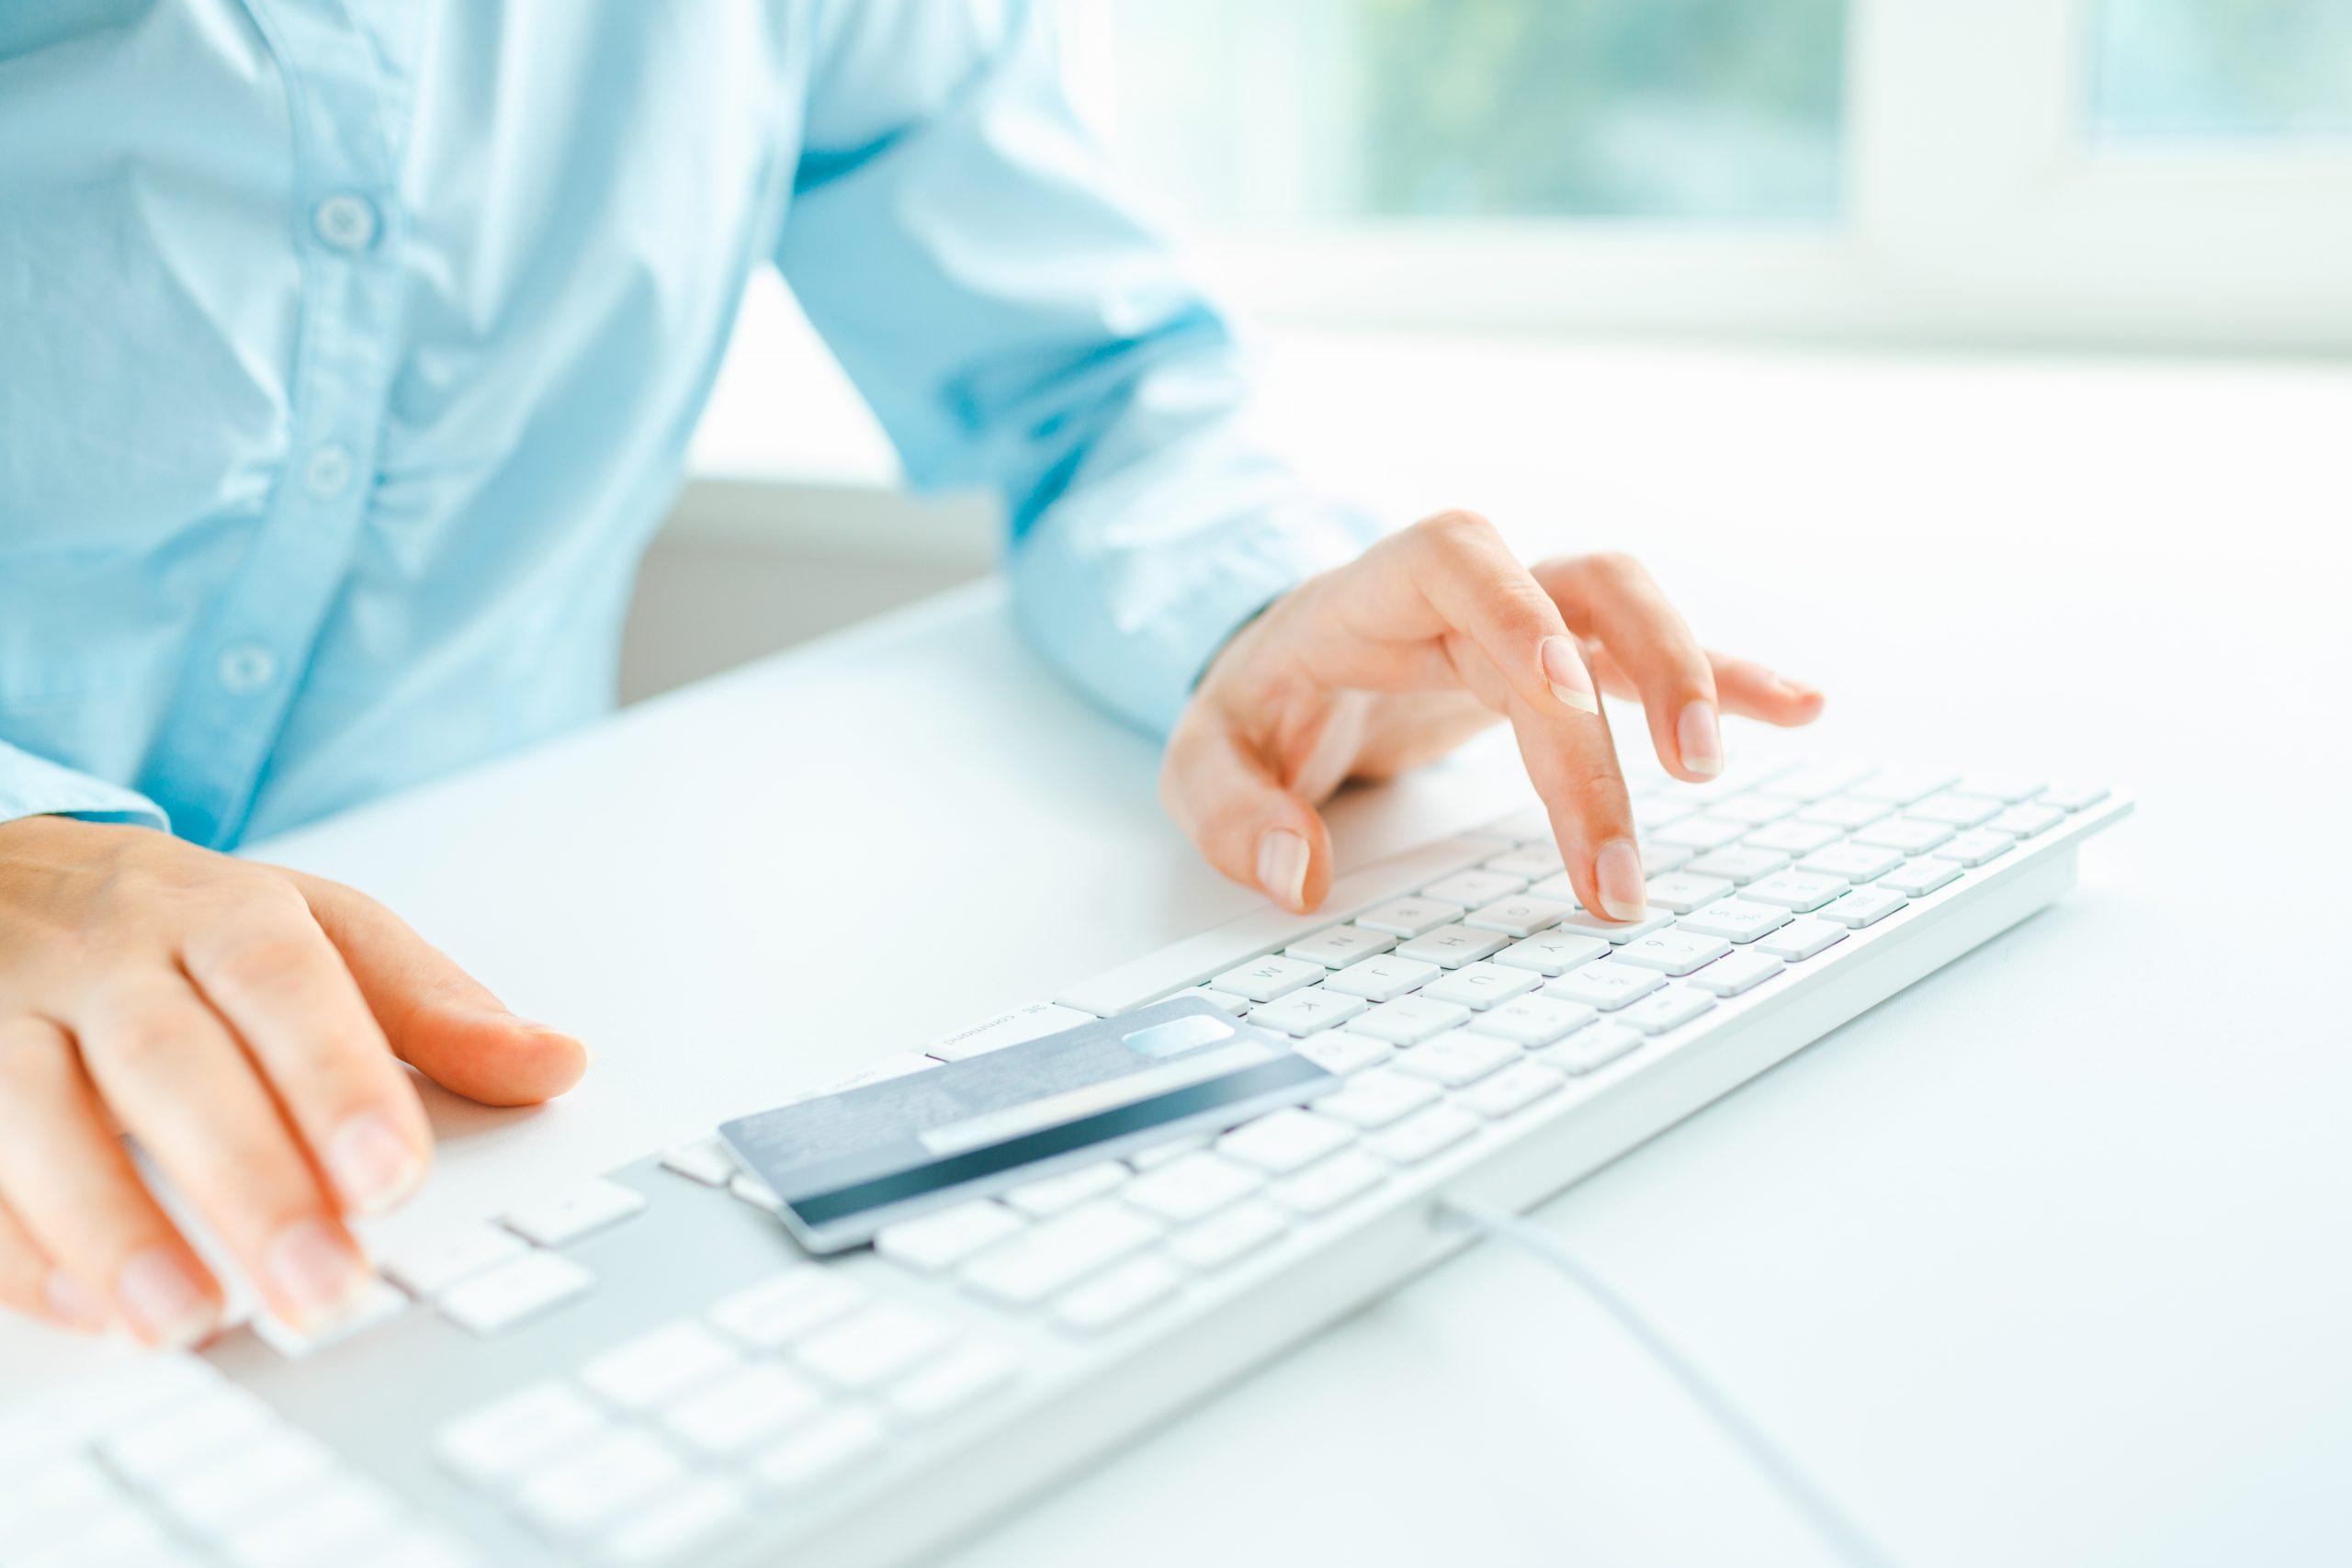 Braucht eine Zahnarztpraxis eine Cyberversicherung? - ZAEVERS